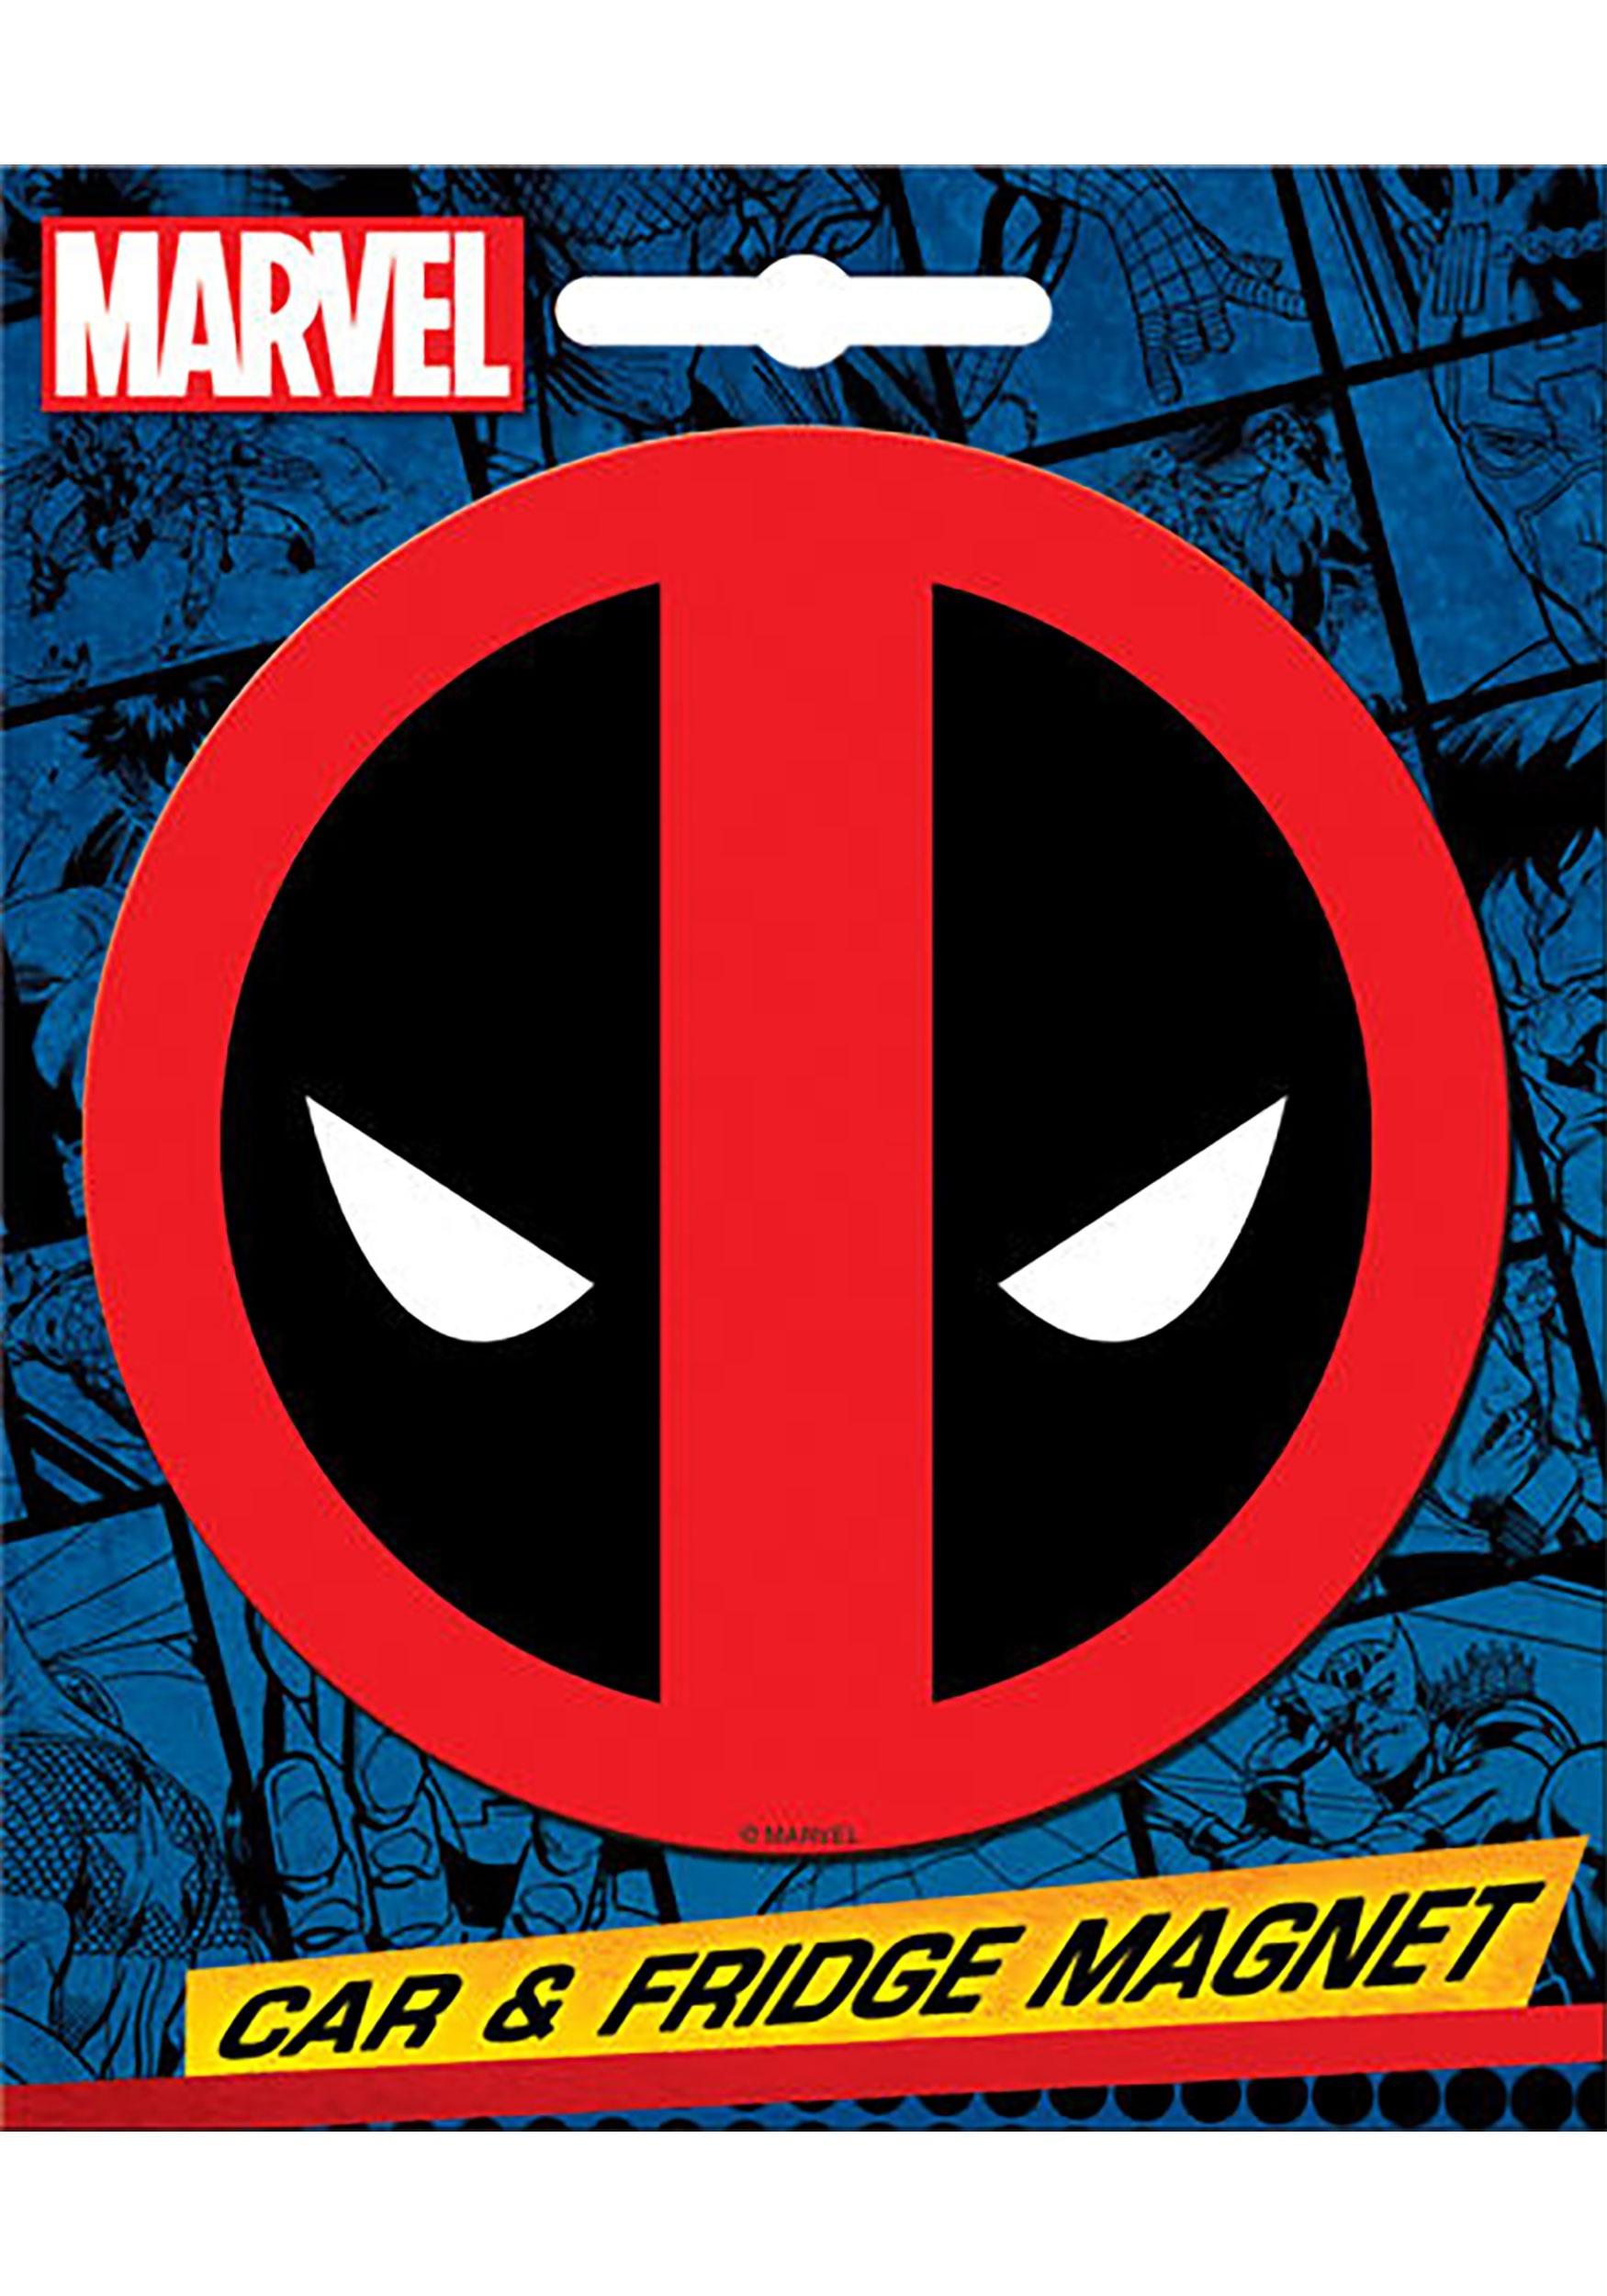 Marvel Deadpool Car & Fridge Magnet